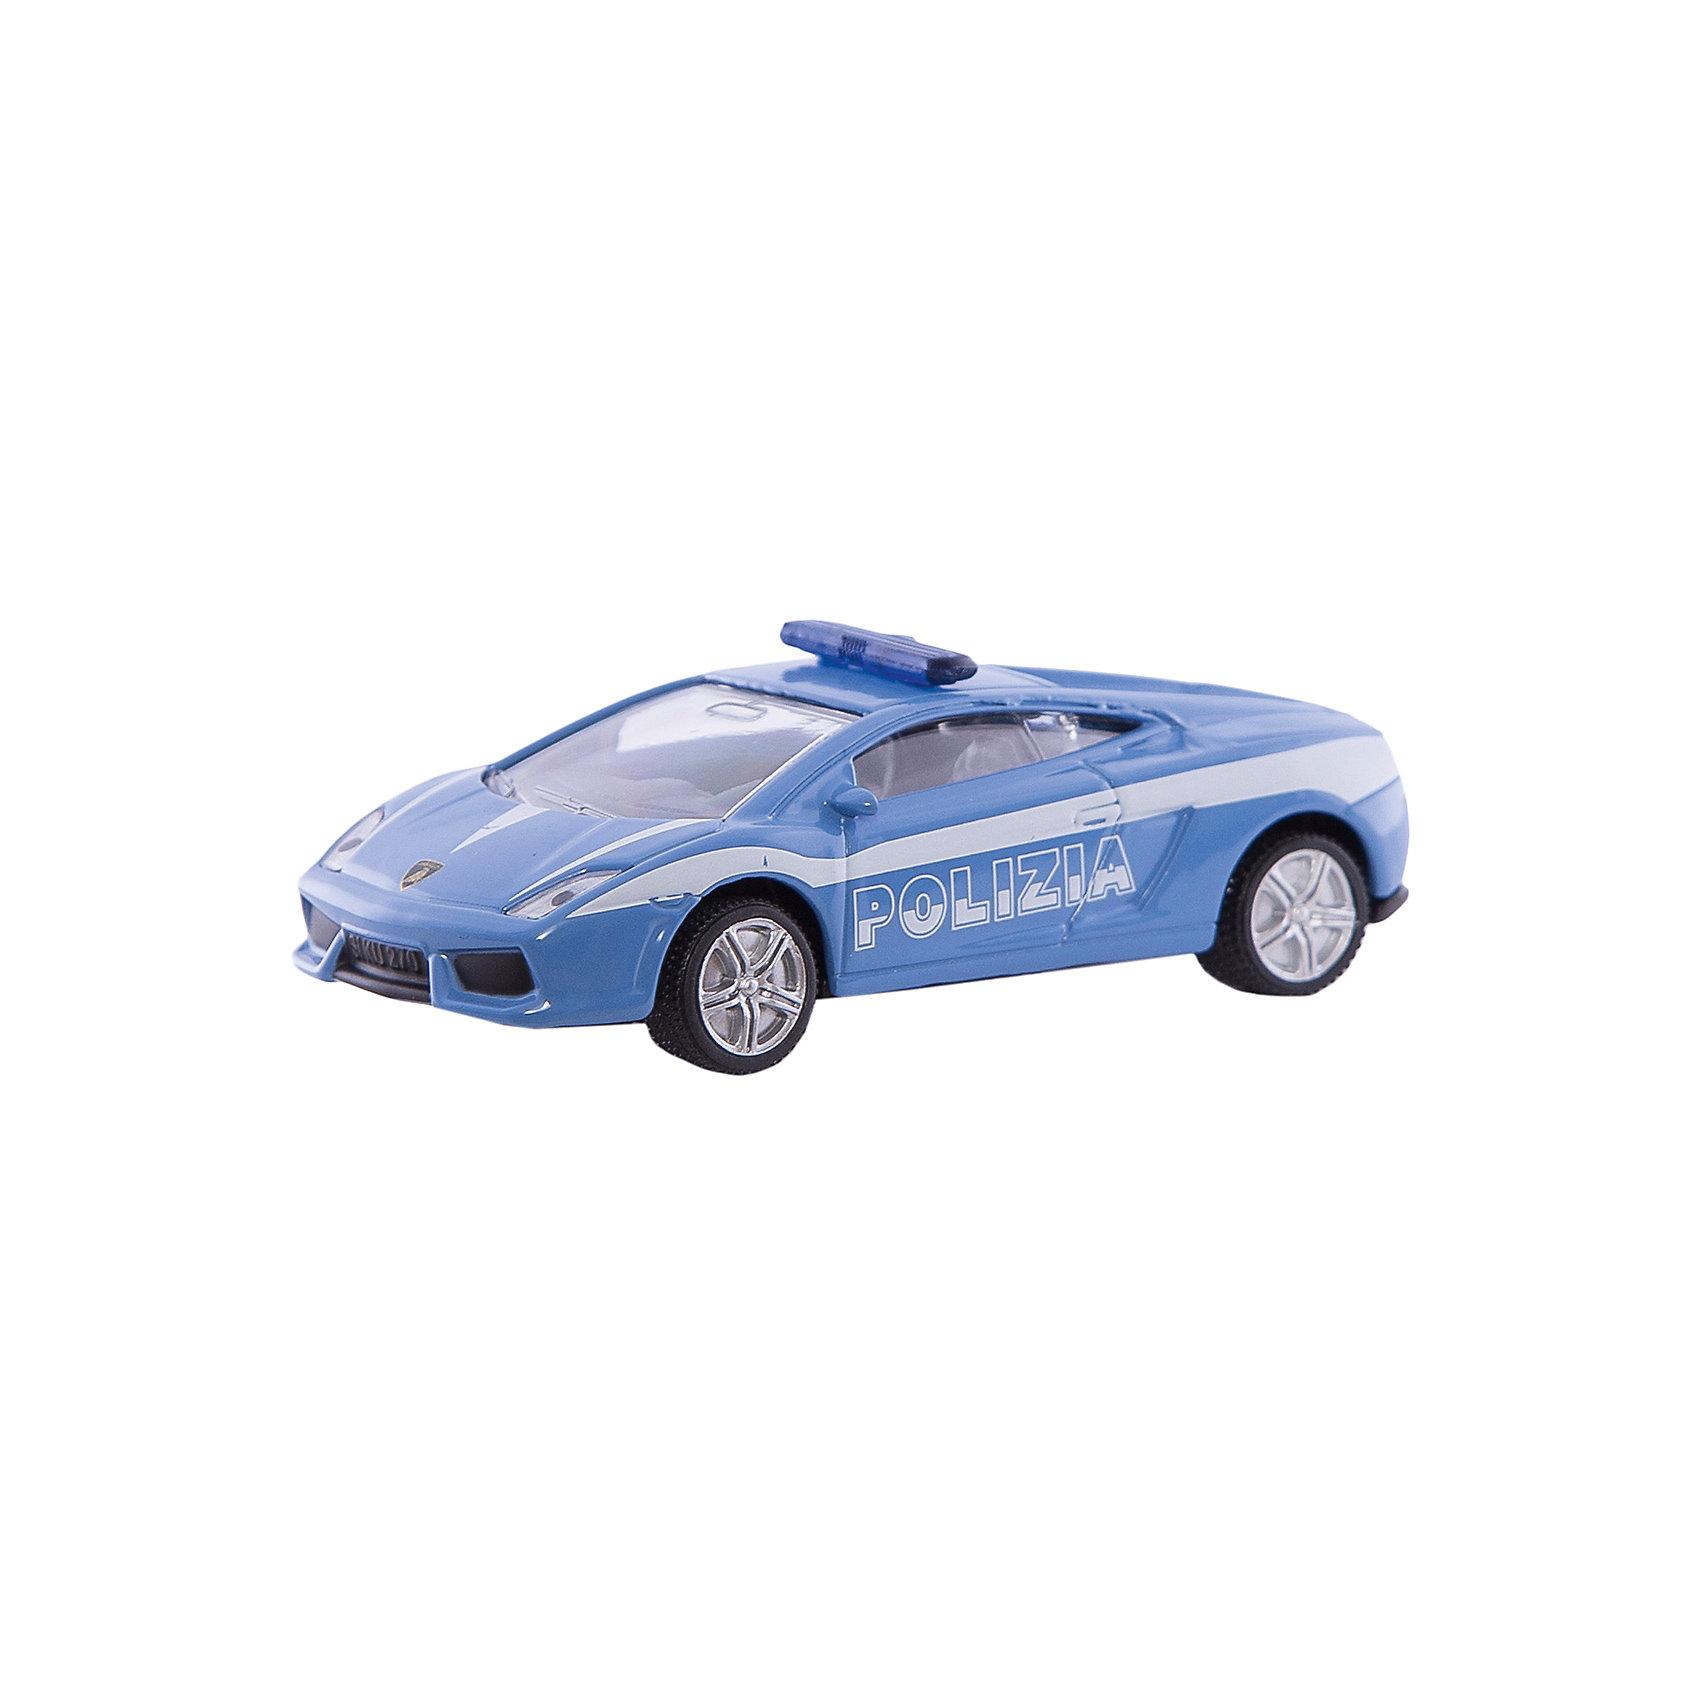 SIKU 1405 Полицейская машинаКоллекционные модели<br>Полицейская машина 1405, Siku, станет замечательным подарком для автолюбителей всех возрастов. Модель представляет из себя реалистичную копию спортивного автомобиля Lamborghini Gallardo, выполненную в виде полицейского автомобиля. Машинка отличается высокой степенью детализации и тщательной проработкой всех элементов. Автомобиль оснащен прозрачными лобовыми стеклами, в салоне можно увидеть сиденья и руль, на крыше установлен проблесковый маячок, имеются передние и задние фары. Колеса вращаются, широкие шины оборудованы спортивными колесными дисками. Корпус модели выполнен из металла, детали изготовлены из ударопрочной пластмассы.<br><br>Дополнительная информация:<br><br>- Материал: металл, пластик.<br>- Масштаб: 1:55.<br>- Размер: 7,8 x 3,4 x 2,4 см.<br>- Размер упаковки: 10 х 8 х 4 см.<br>- Вес: 54 гр.<br><br> 1405 Полицейскую машину, Siku, можно купить в нашем интернет-магазине.<br><br>Ширина мм: 96<br>Глубина мм: 78<br>Высота мм: 38<br>Вес г: 57<br>Возраст от месяцев: 36<br>Возраст до месяцев: 96<br>Пол: Мужской<br>Возраст: Детский<br>SKU: 1999729